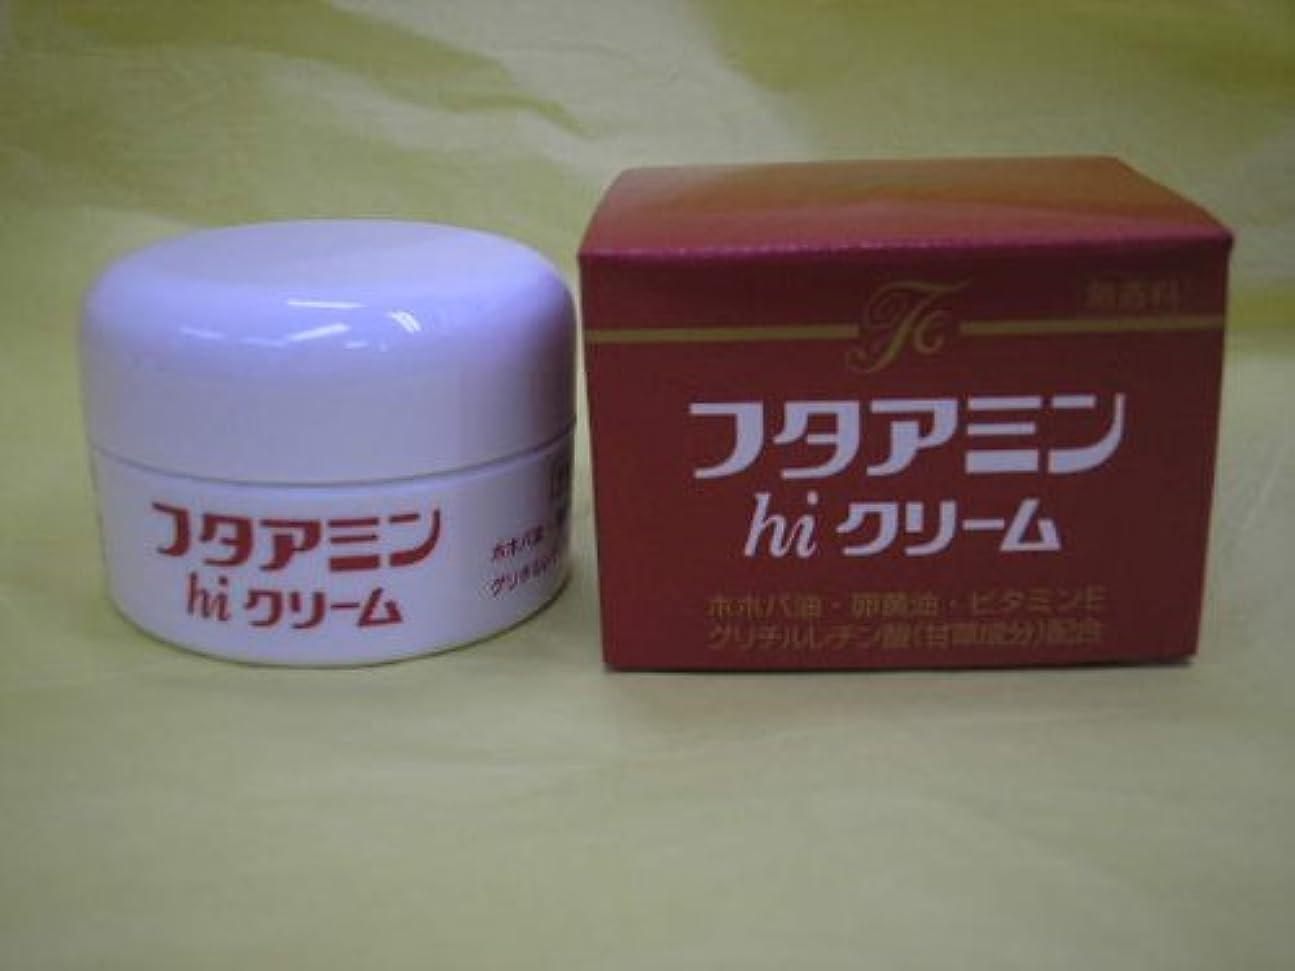 飛ぶミスあそこフタアミンhiクリーム 55g(無香料)医薬部外品